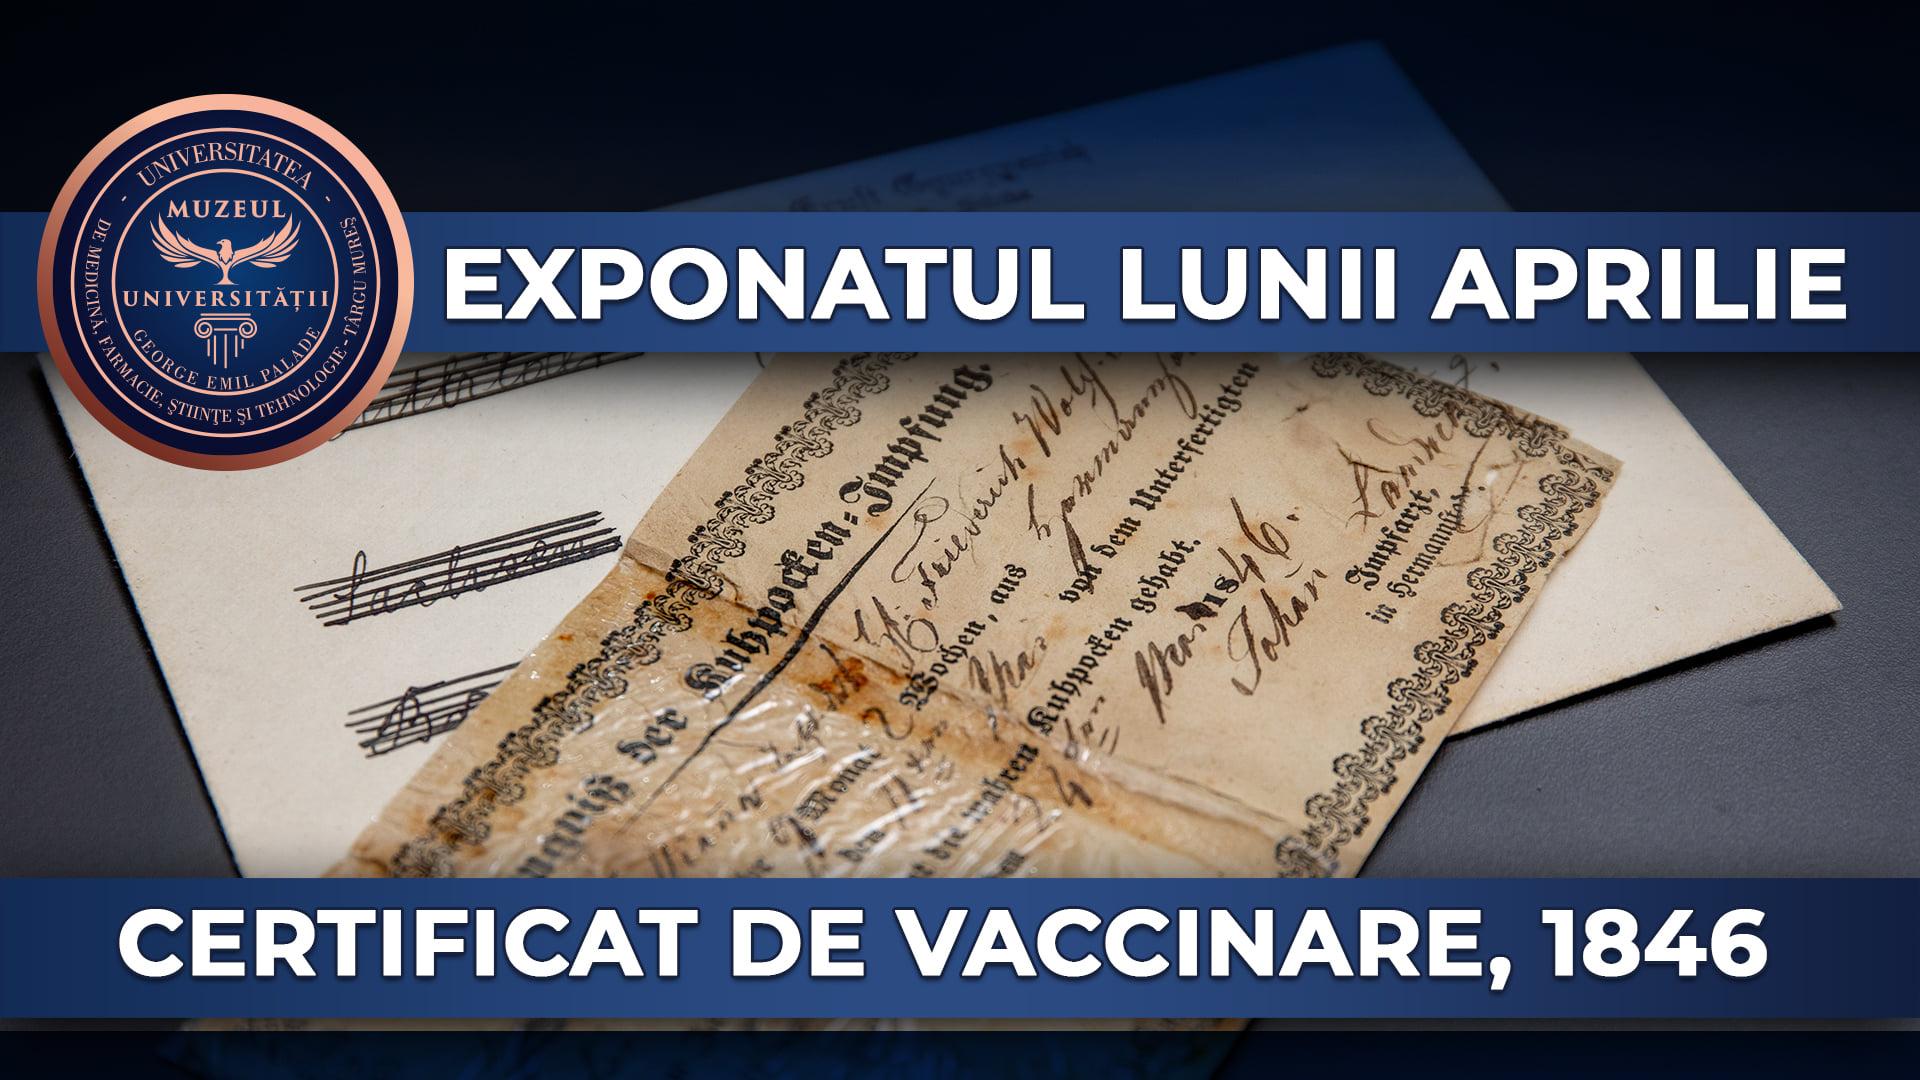 Certificat de vaccinare împotriva variolei eliberat la Sibiu în anul 1846, expus la Târgu Mureş